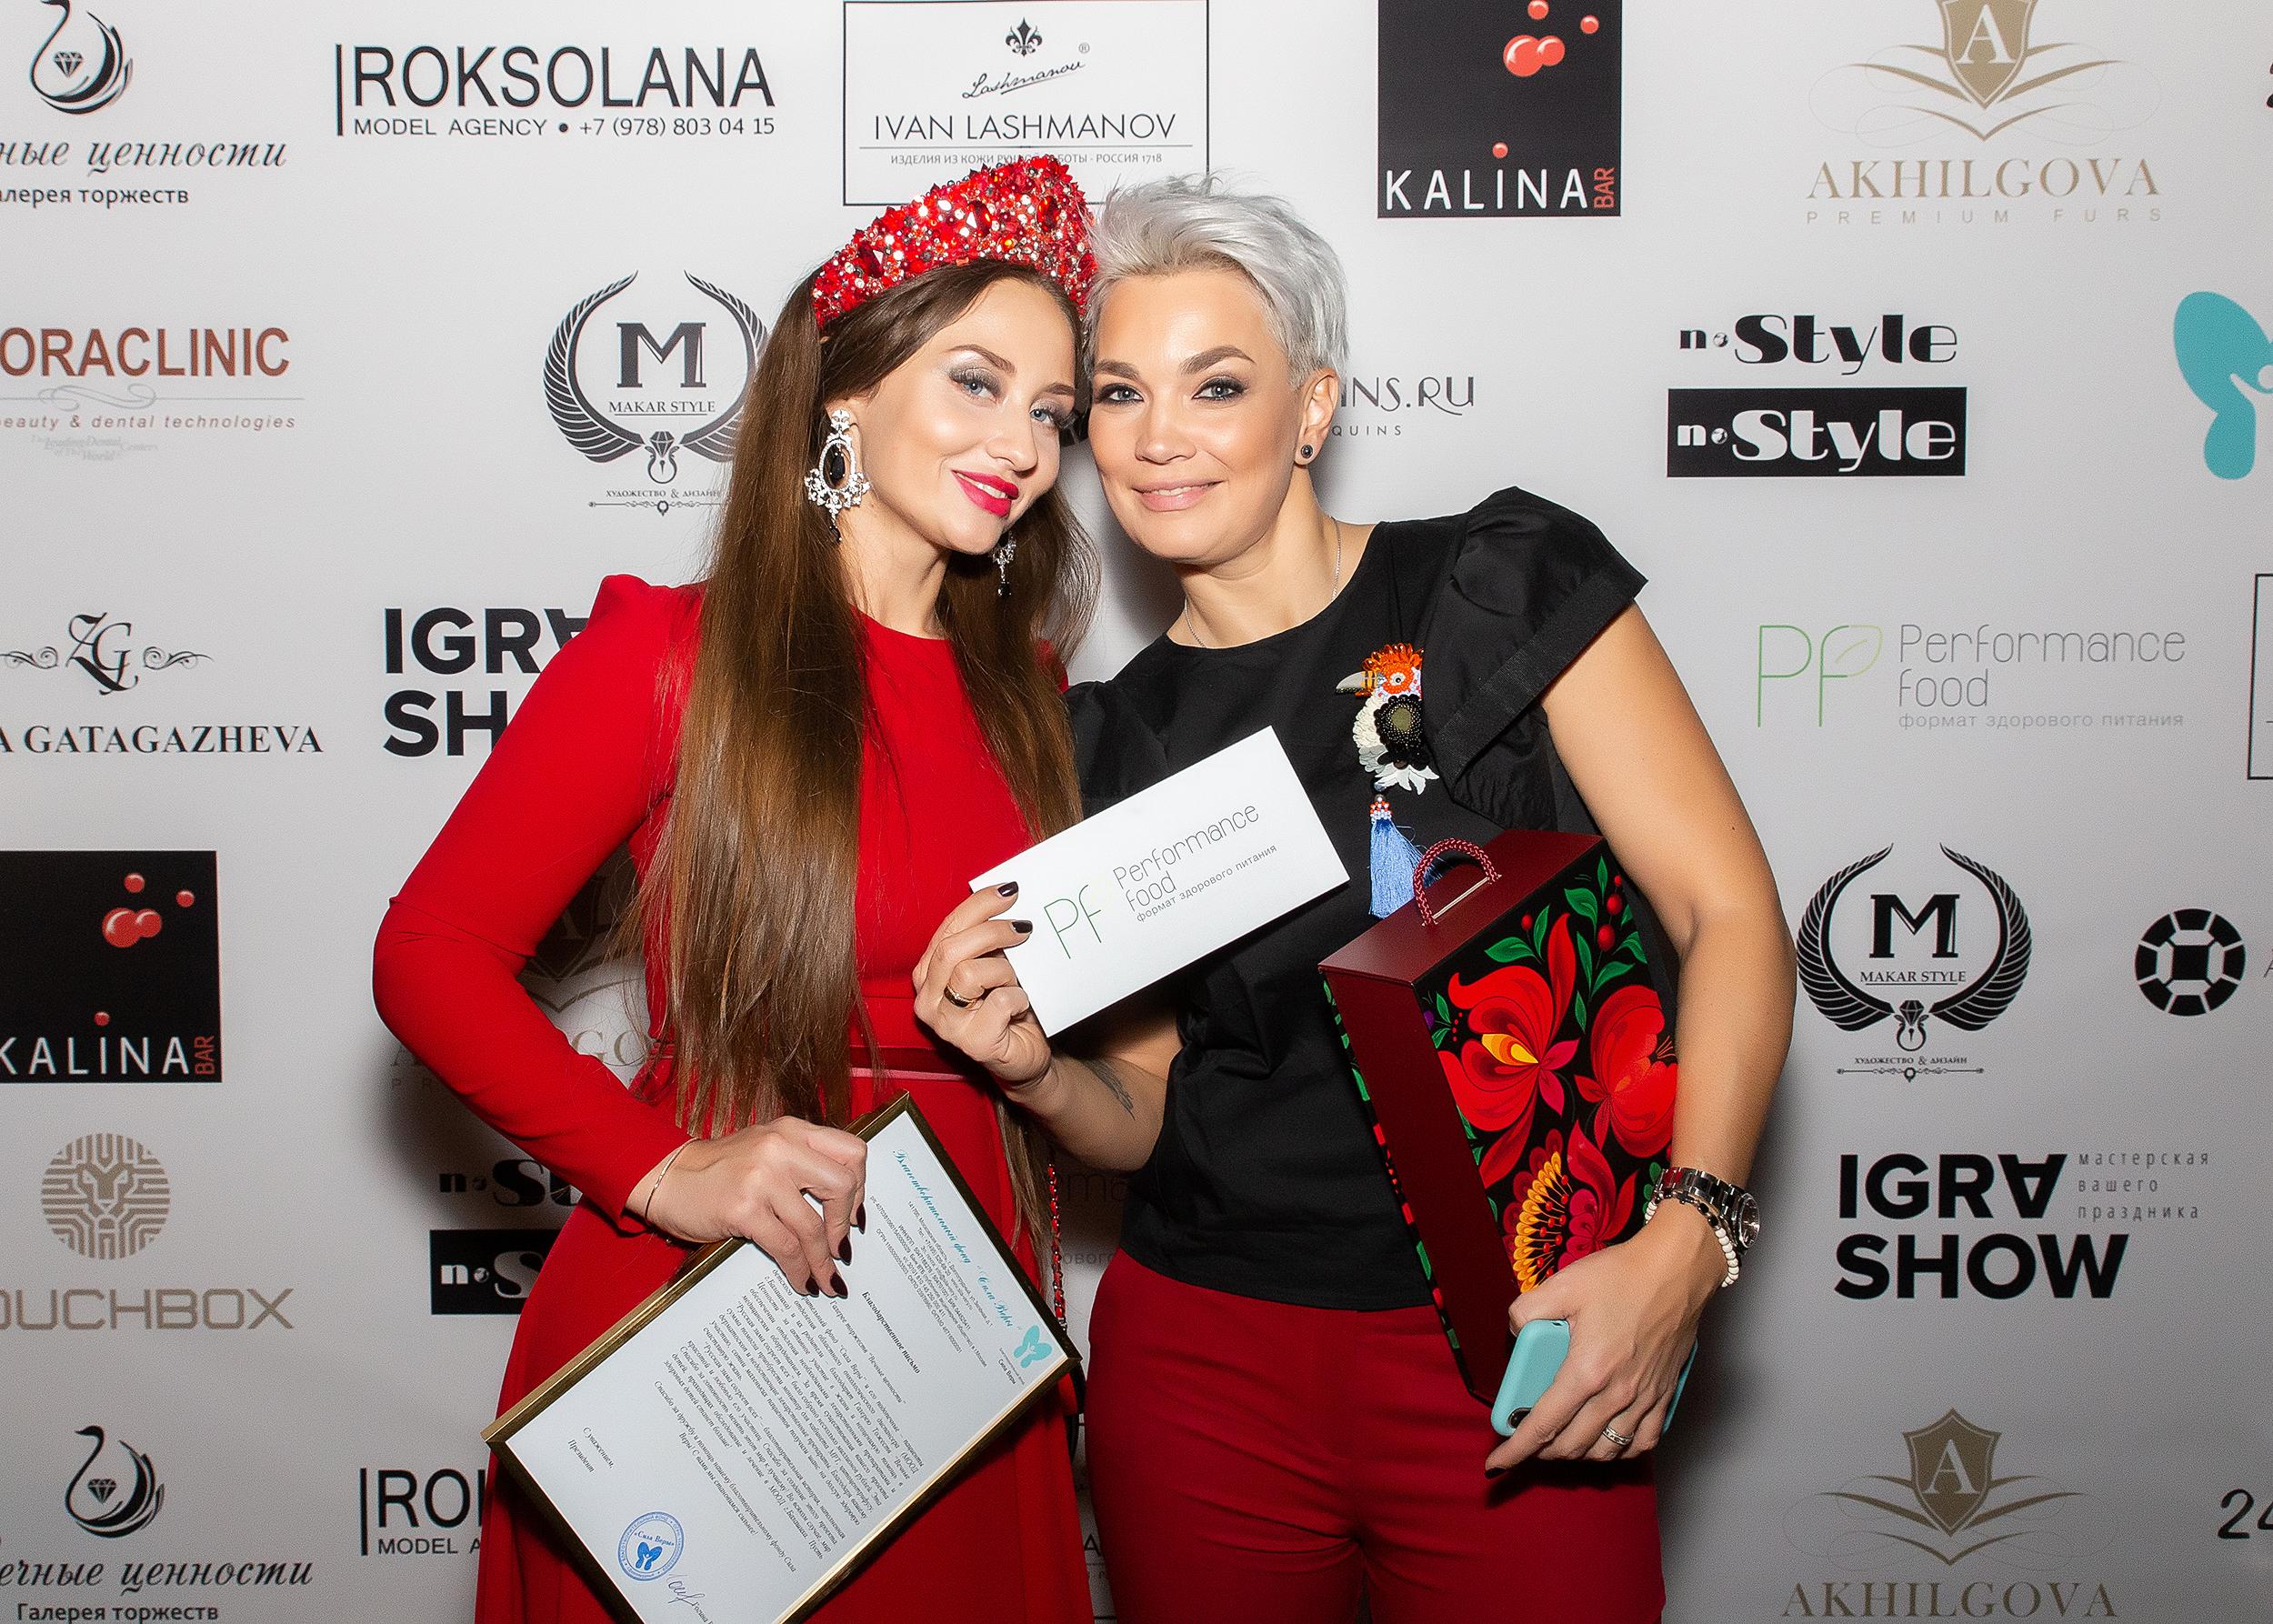 Благотворительный проект - Русская зима согреет всех